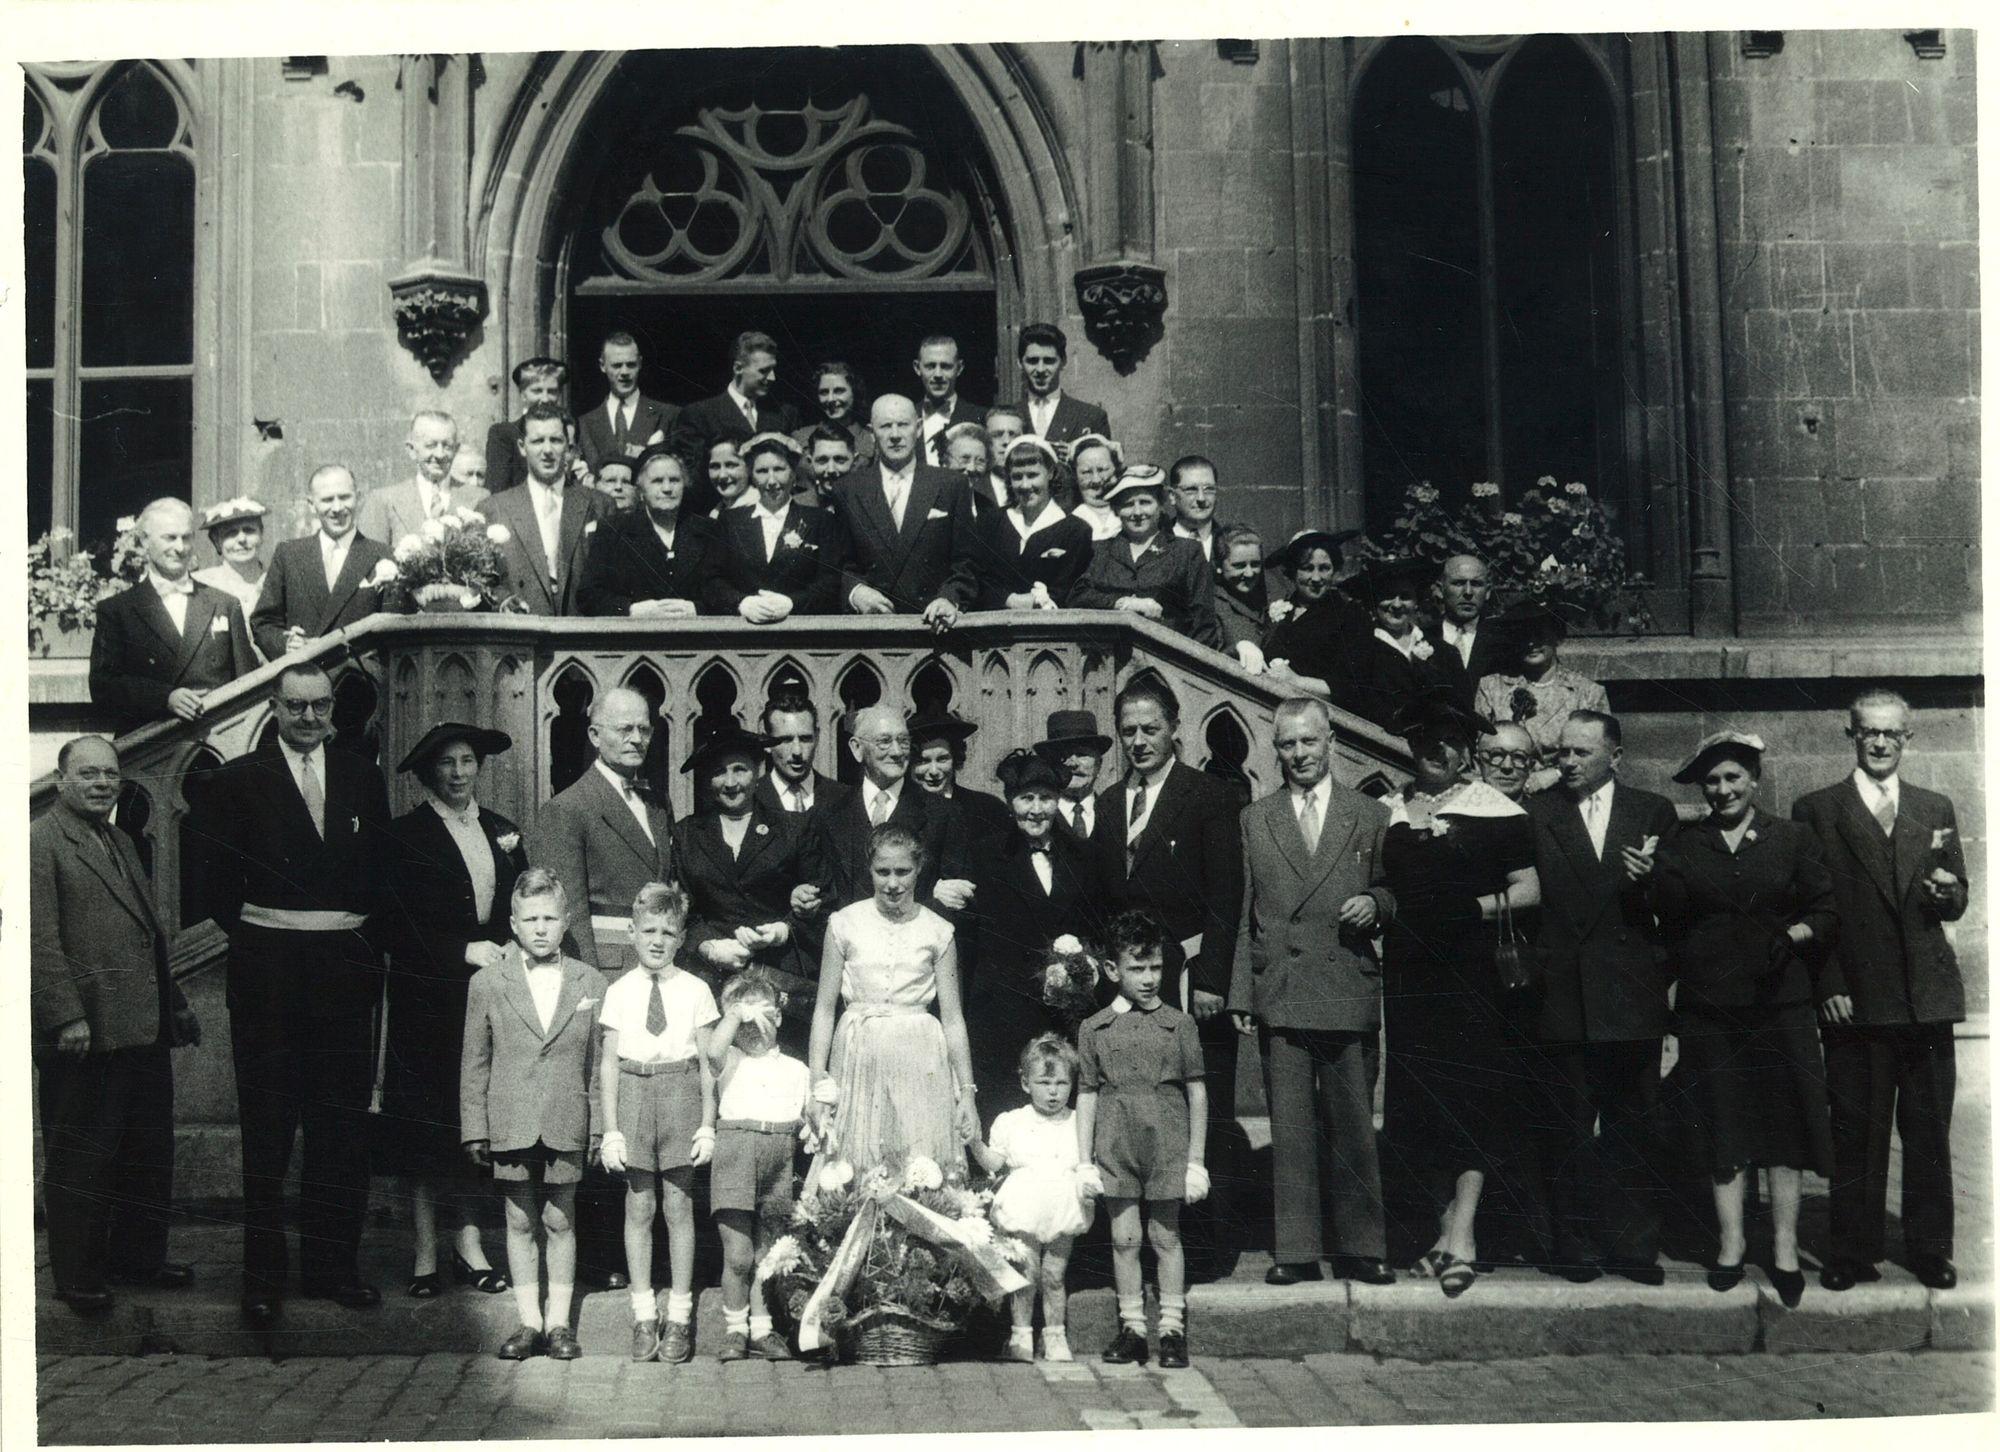 Groepsfoto voor het stadhuis met burgemeester Coussens